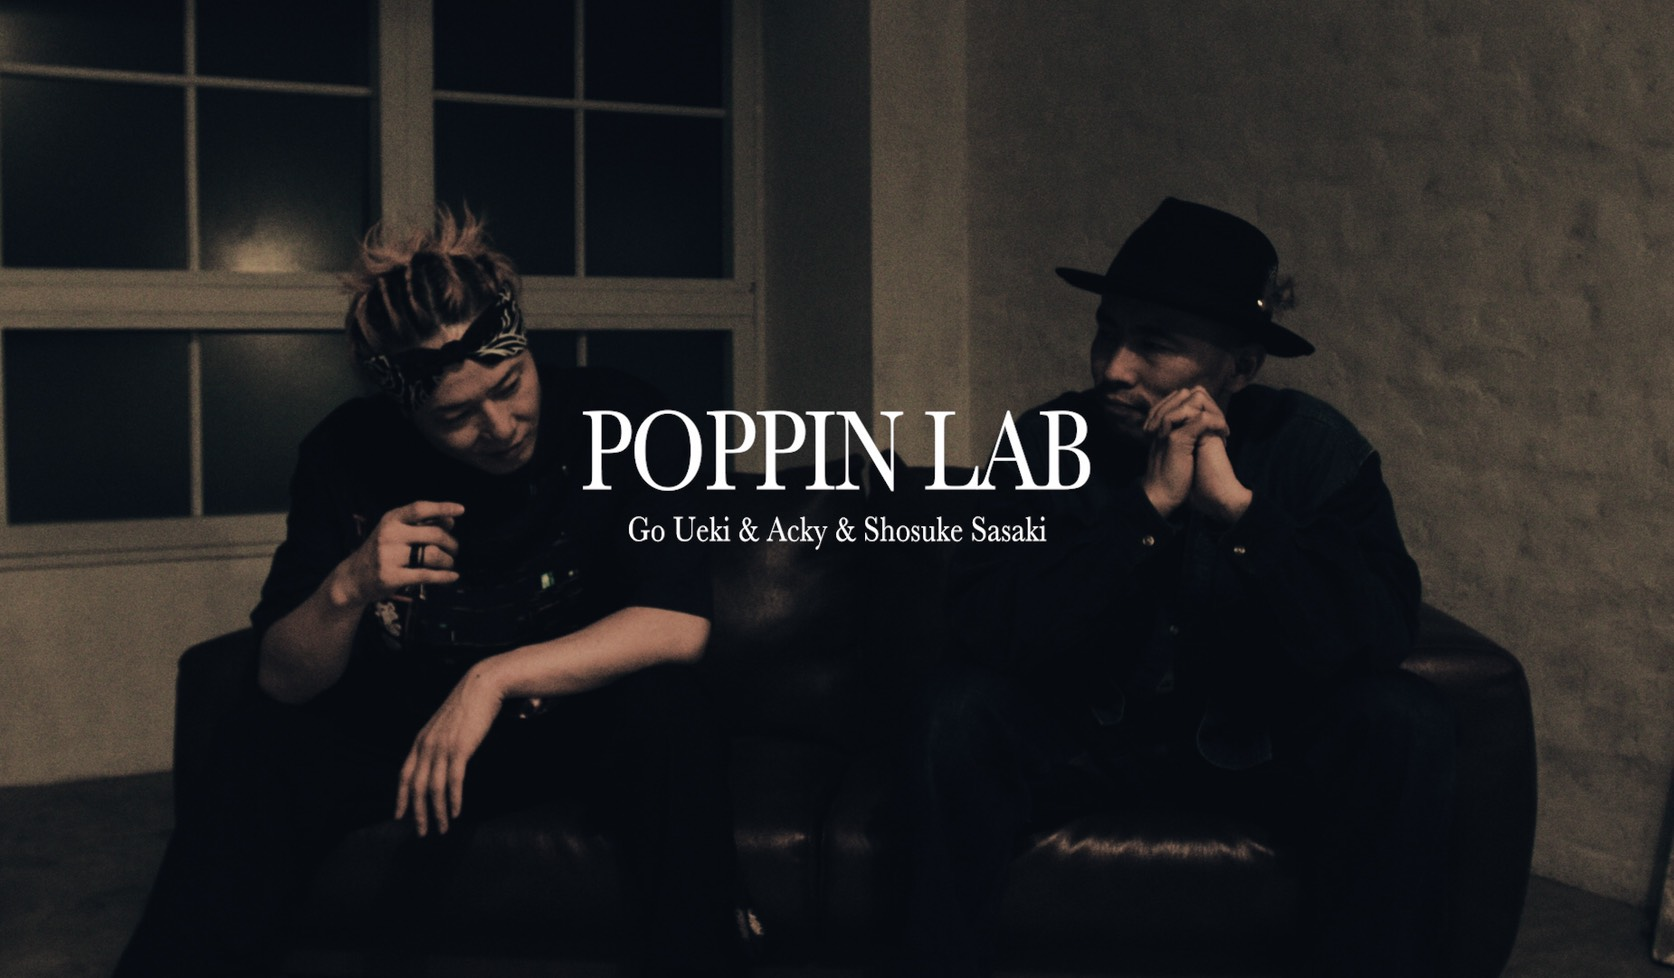 日本が誇るレジェンドダンサー植木豪、ACKYのPOPPIN動画が公開!